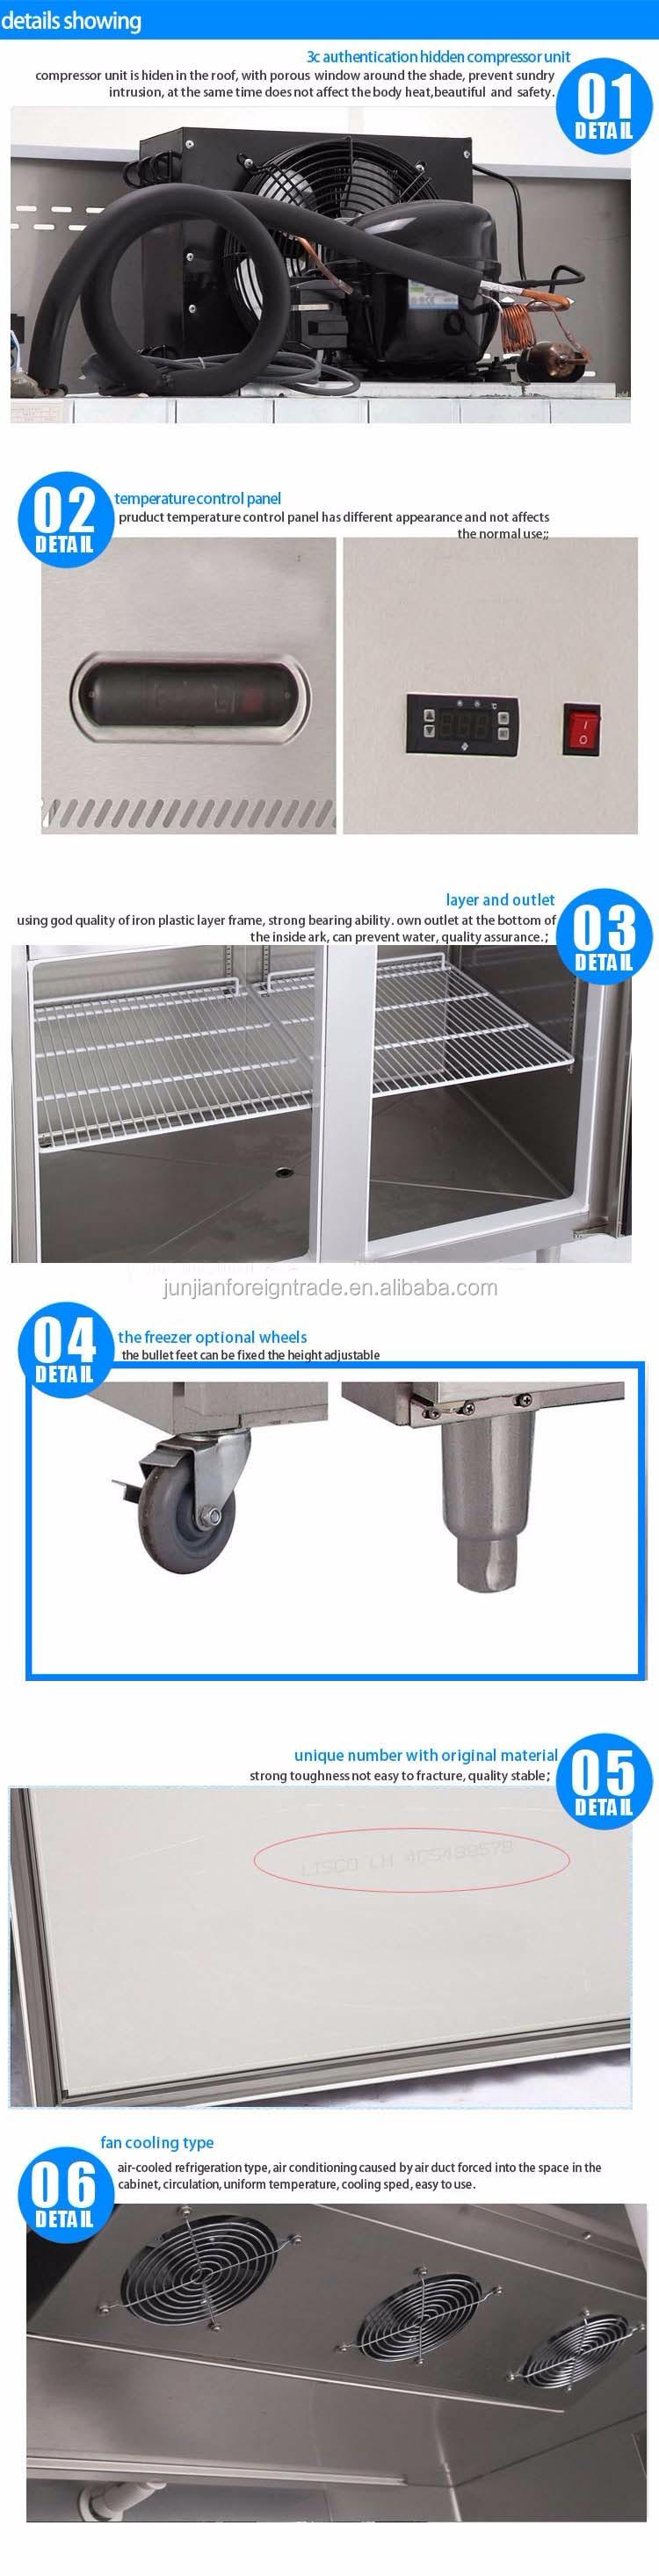 Stainless Steel Commercial Double Door Upright Freezer